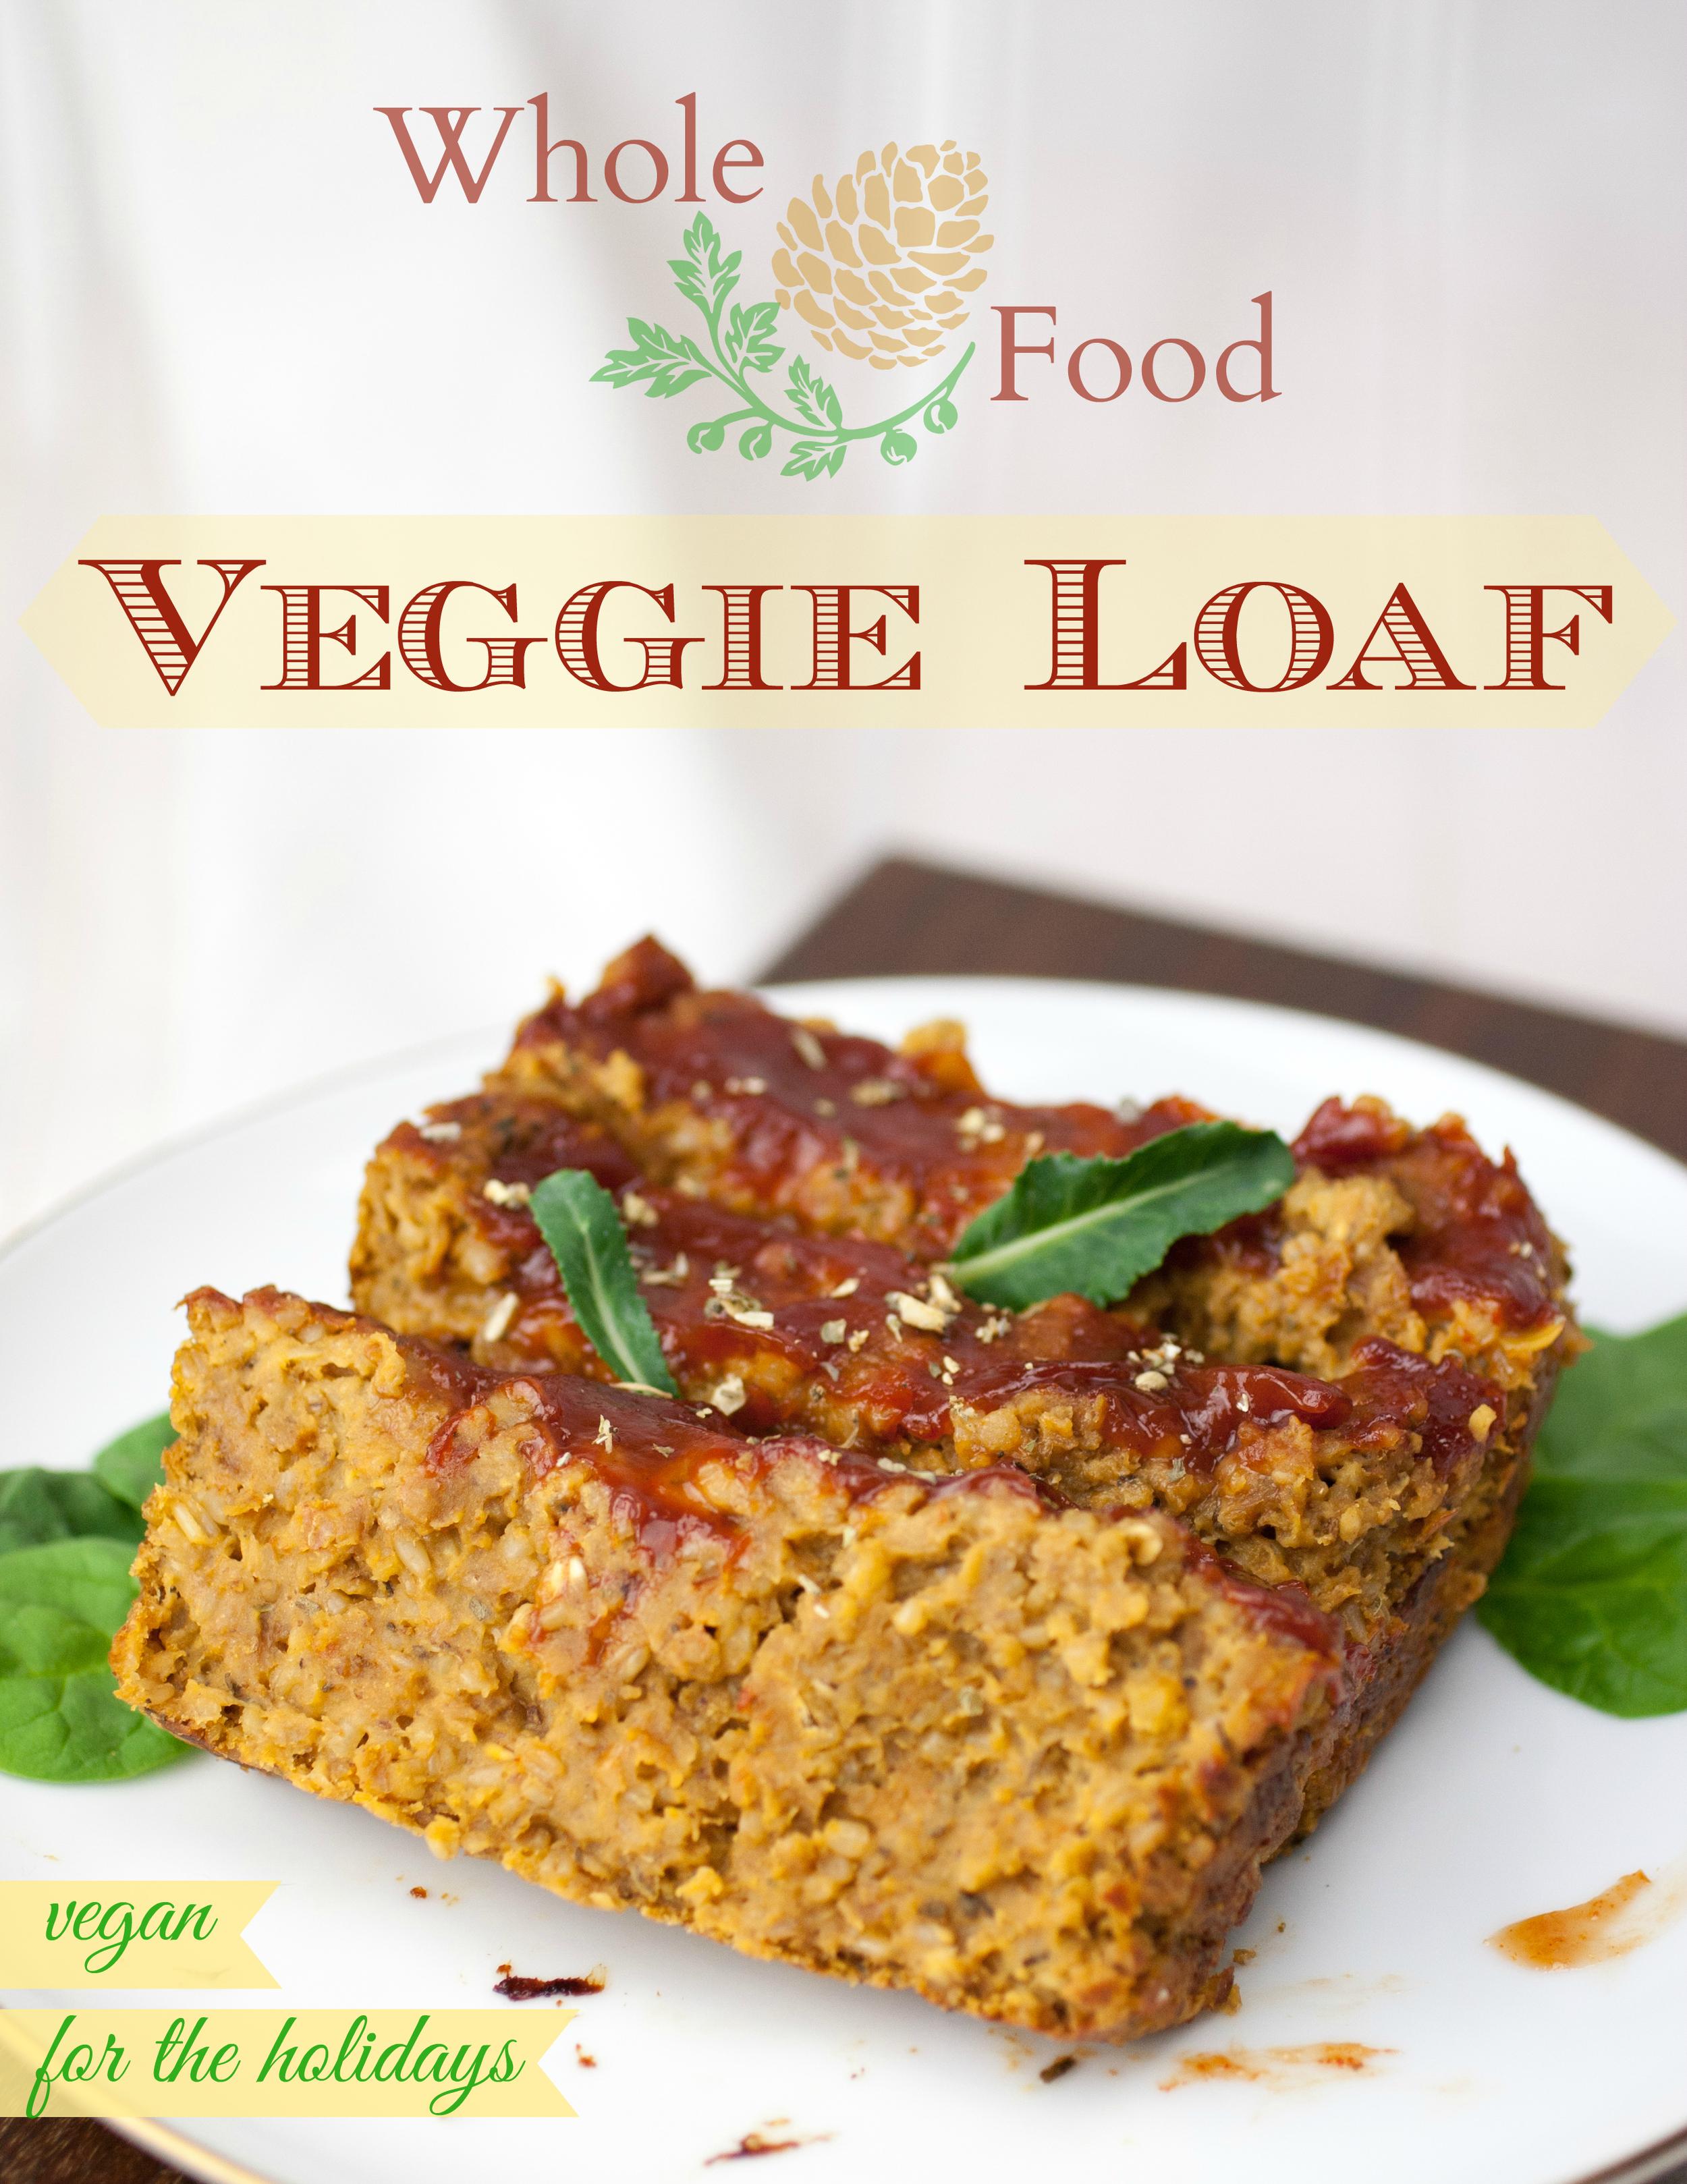 veggieloaf